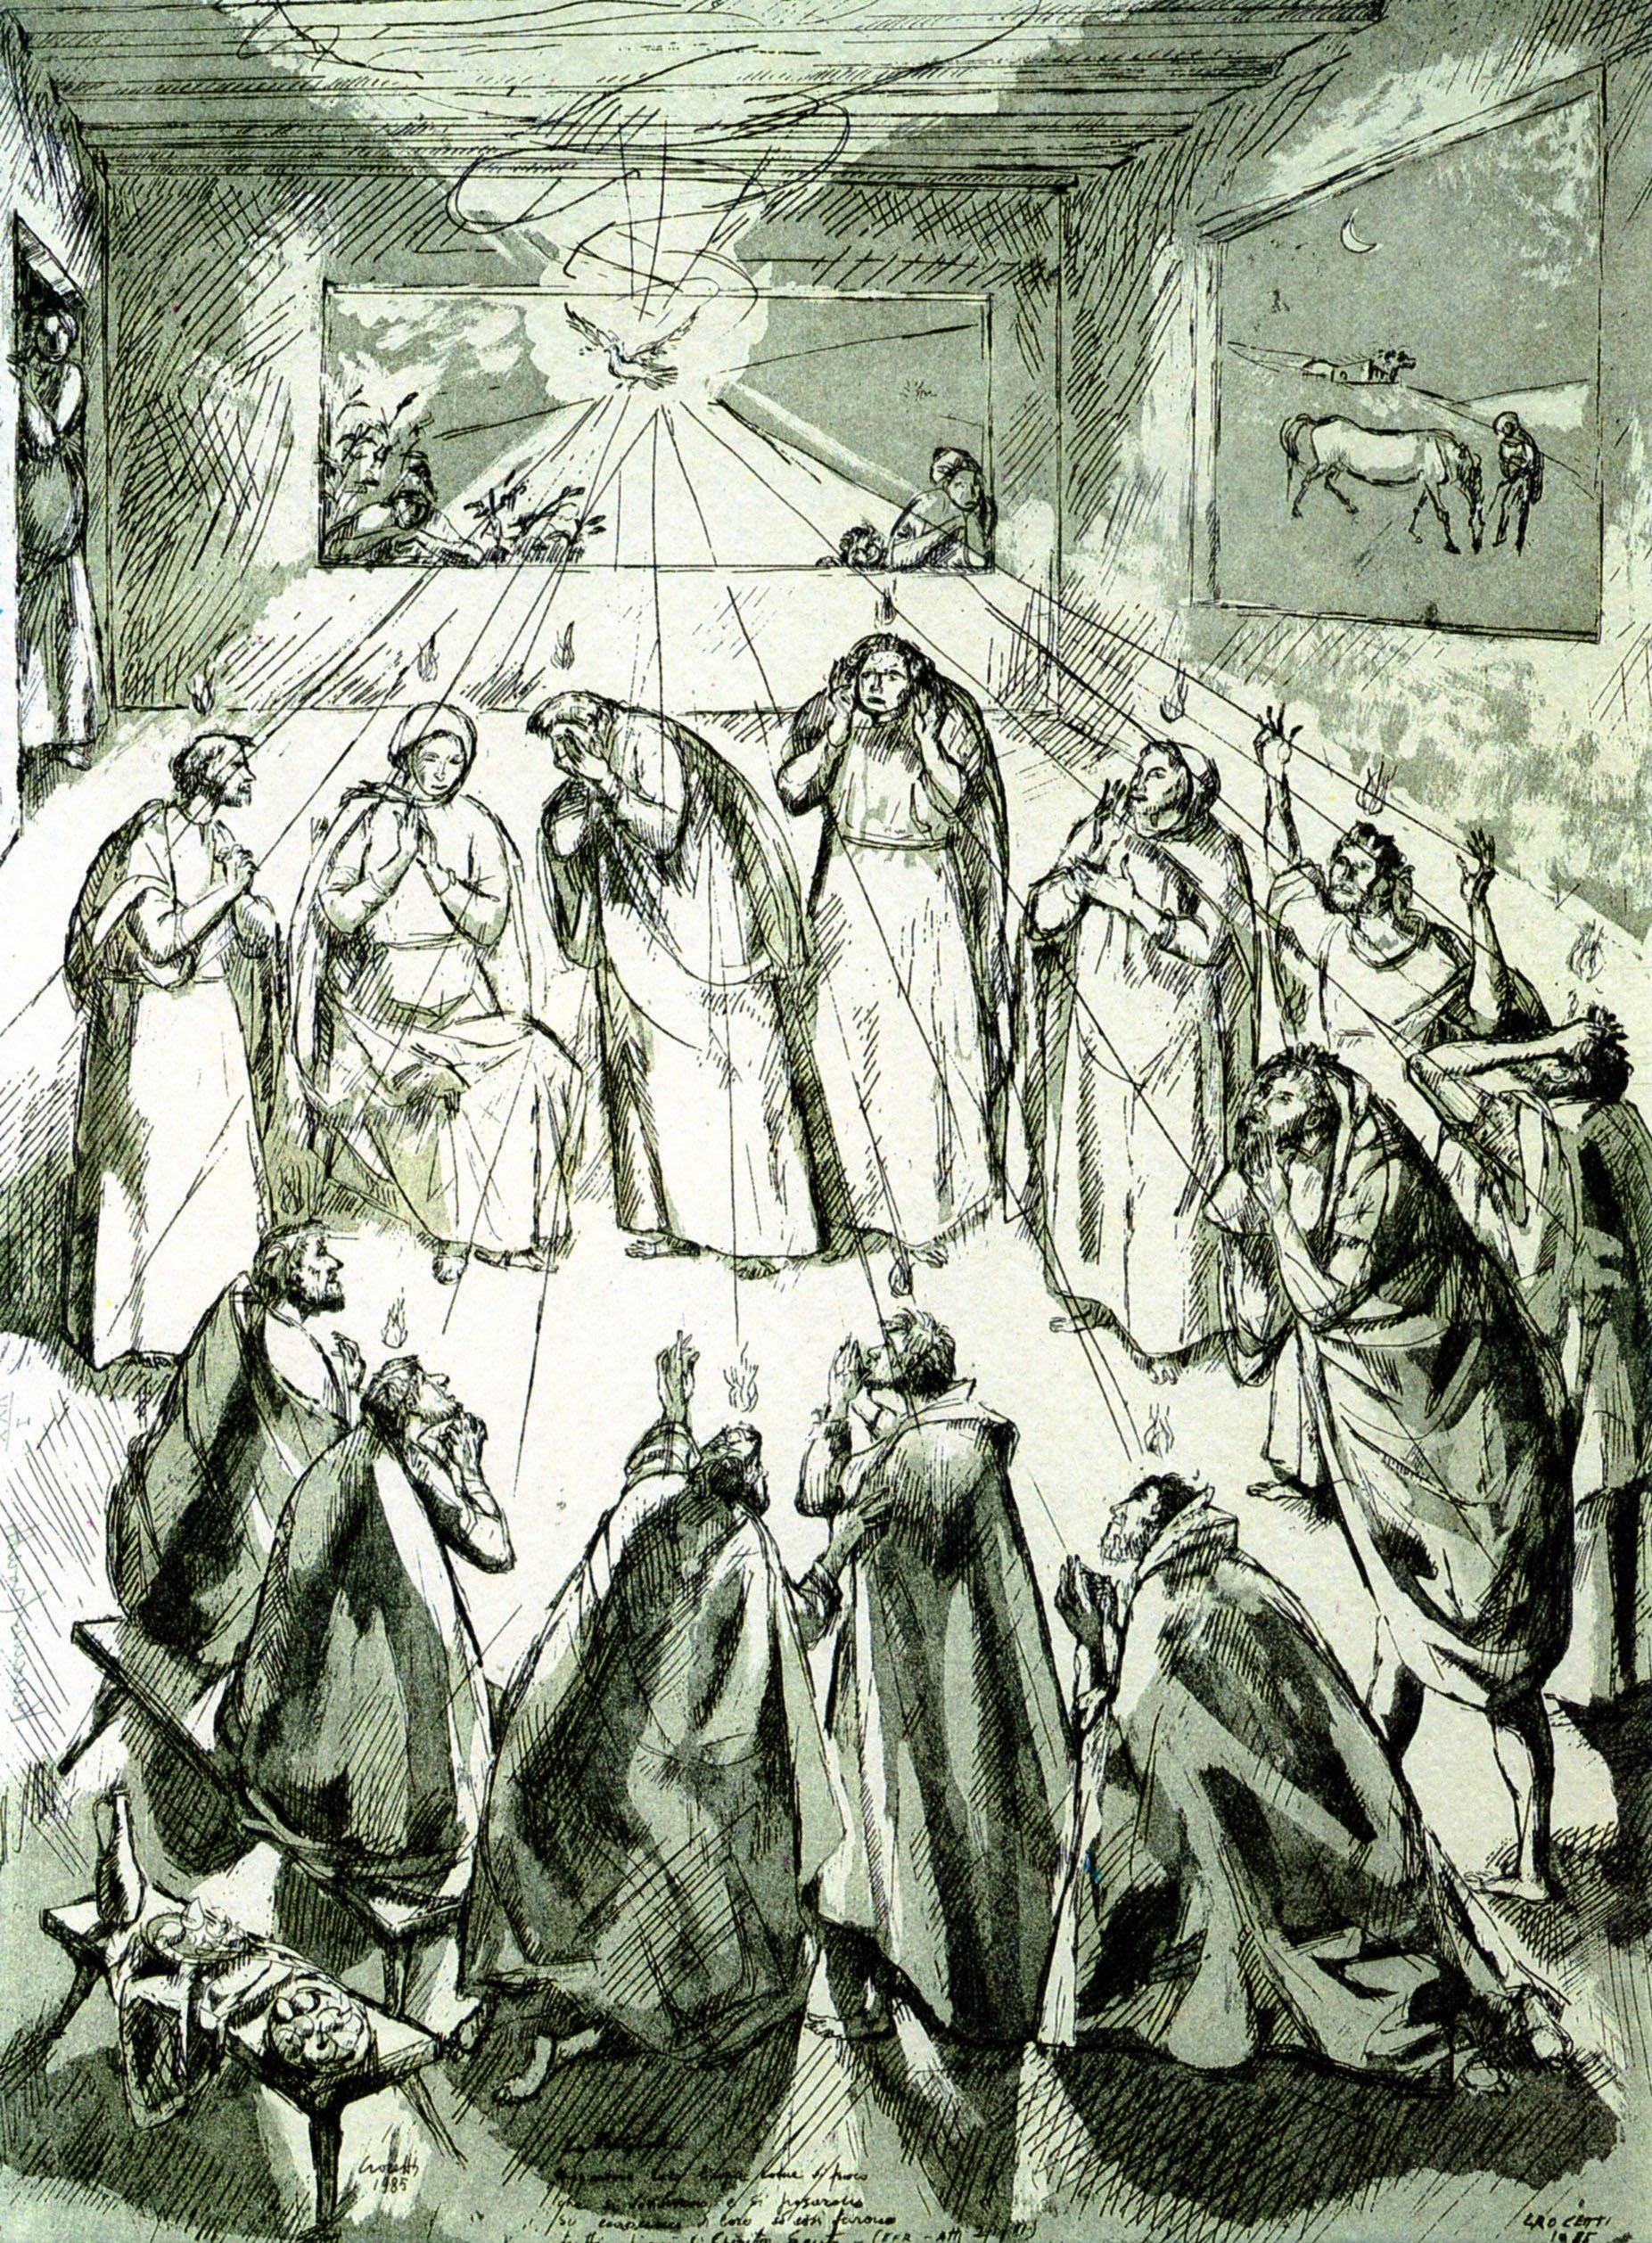 Venanzo Crocetti - La Pentecoste